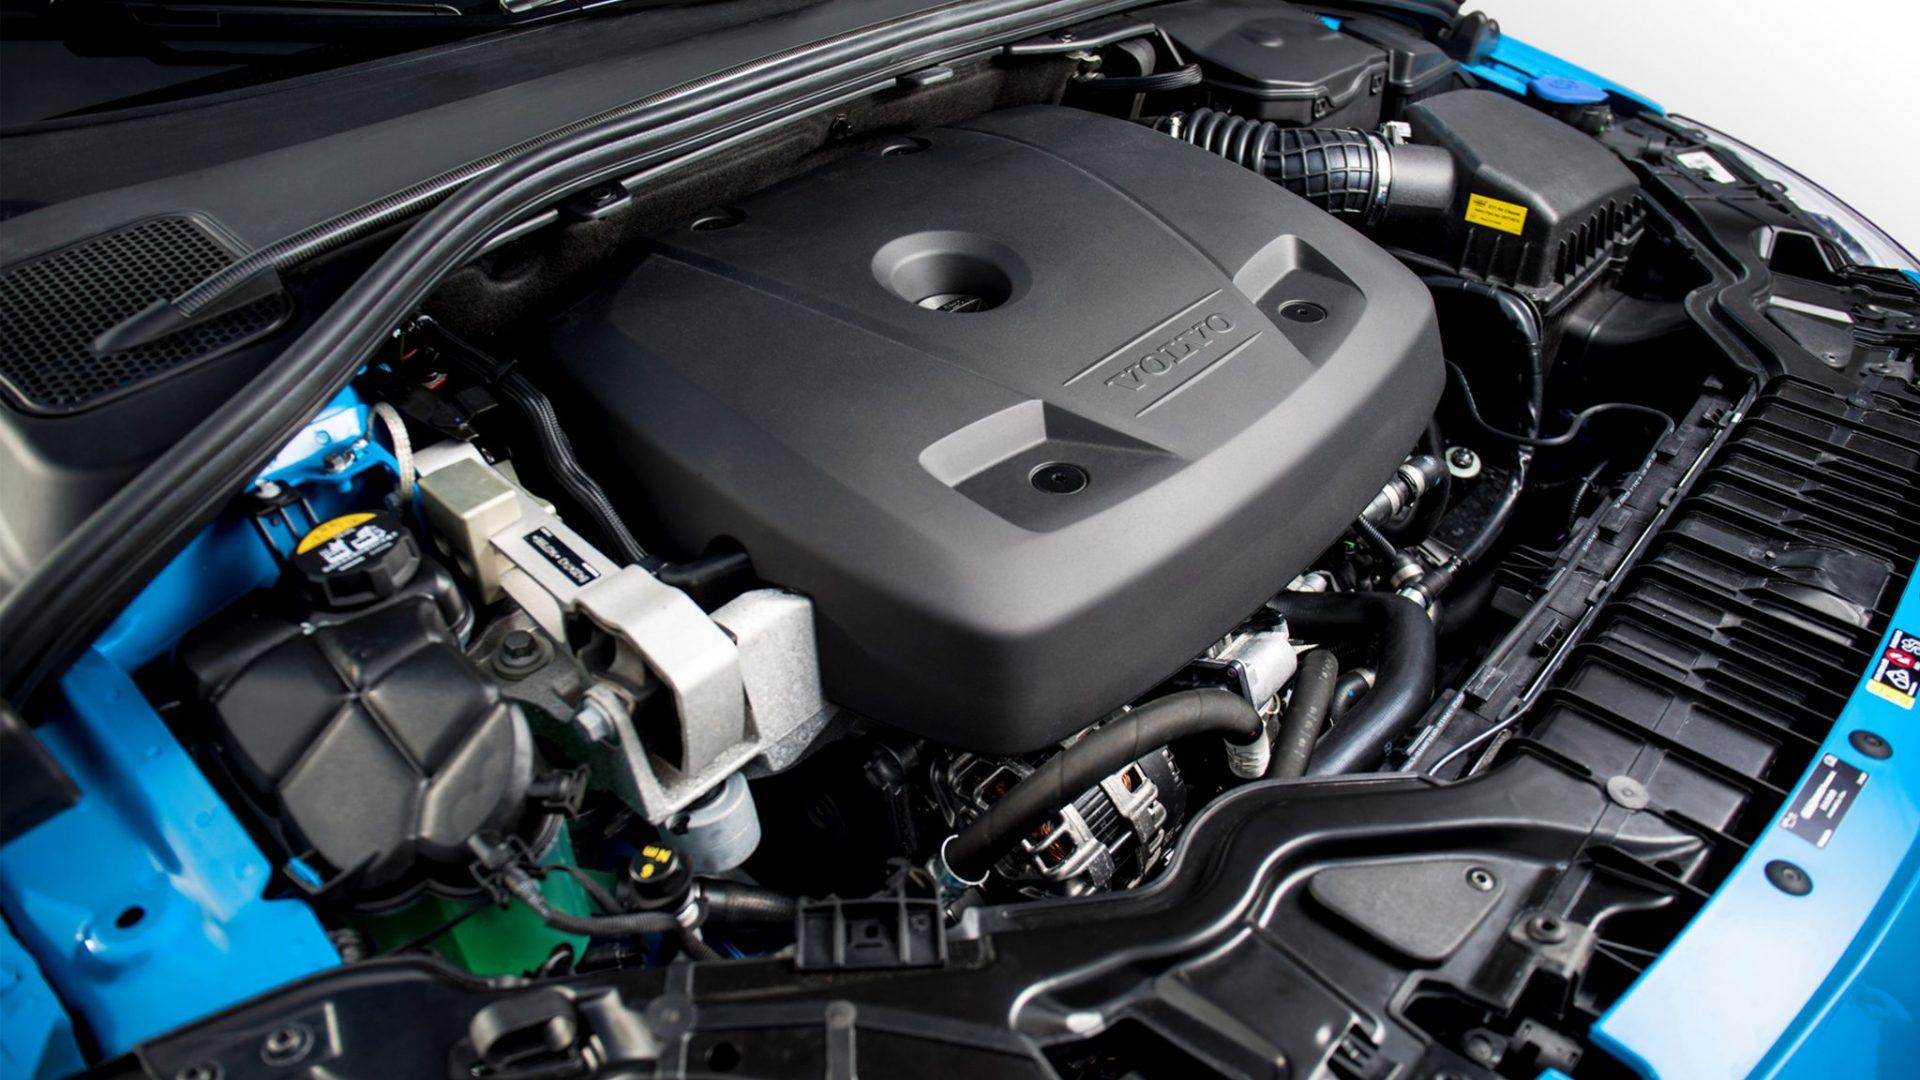 Auszeichnung: Warum der Polestar zu den Autos mit den 10 besten Motoren gehört 2